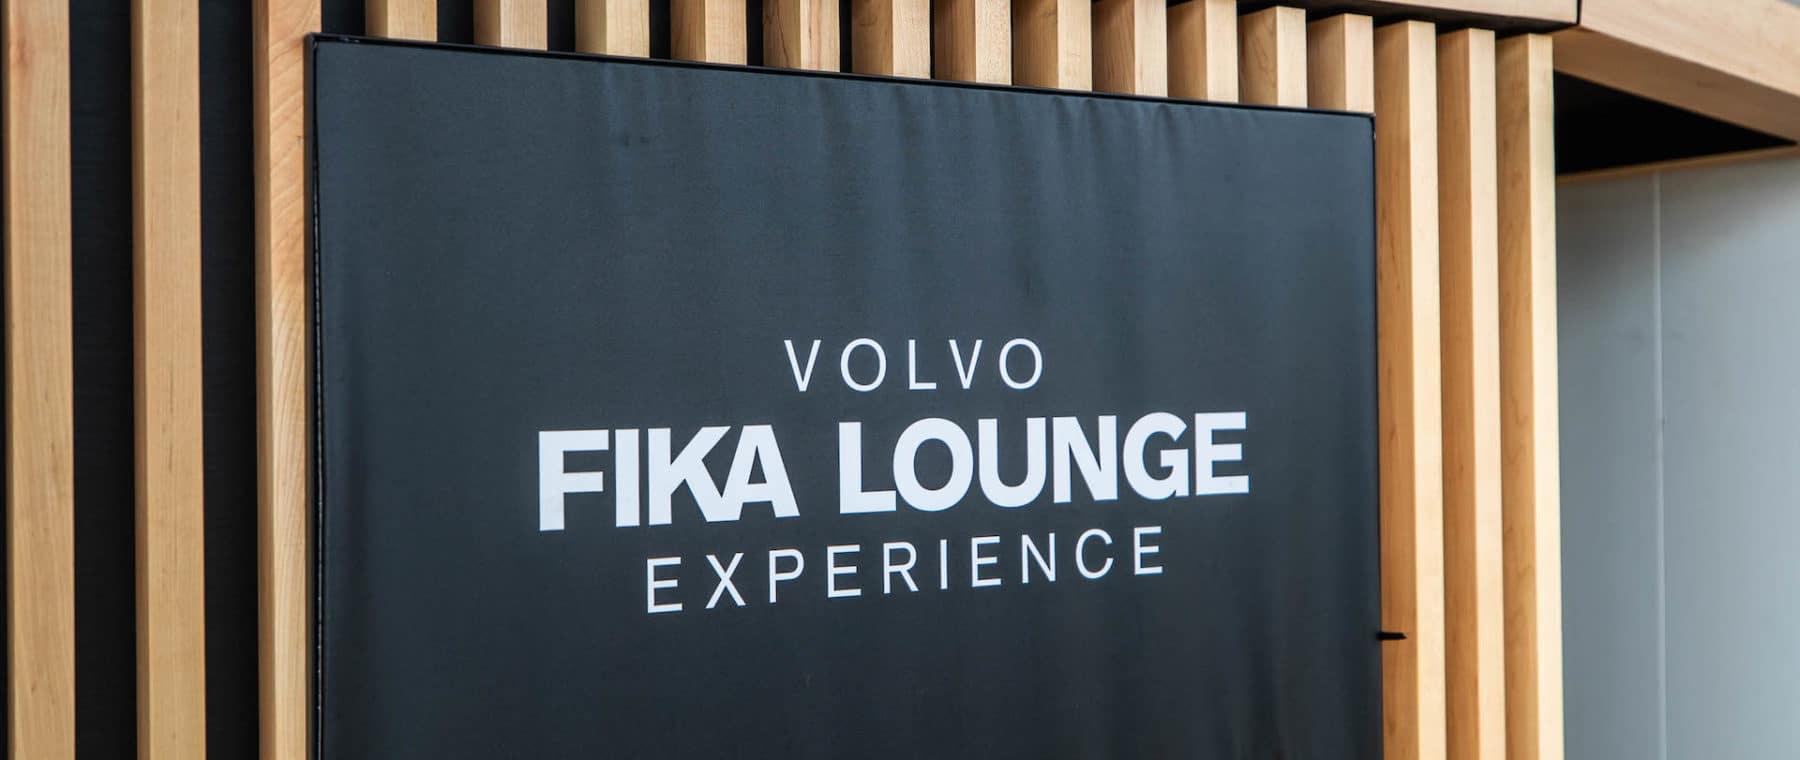 fika lounge